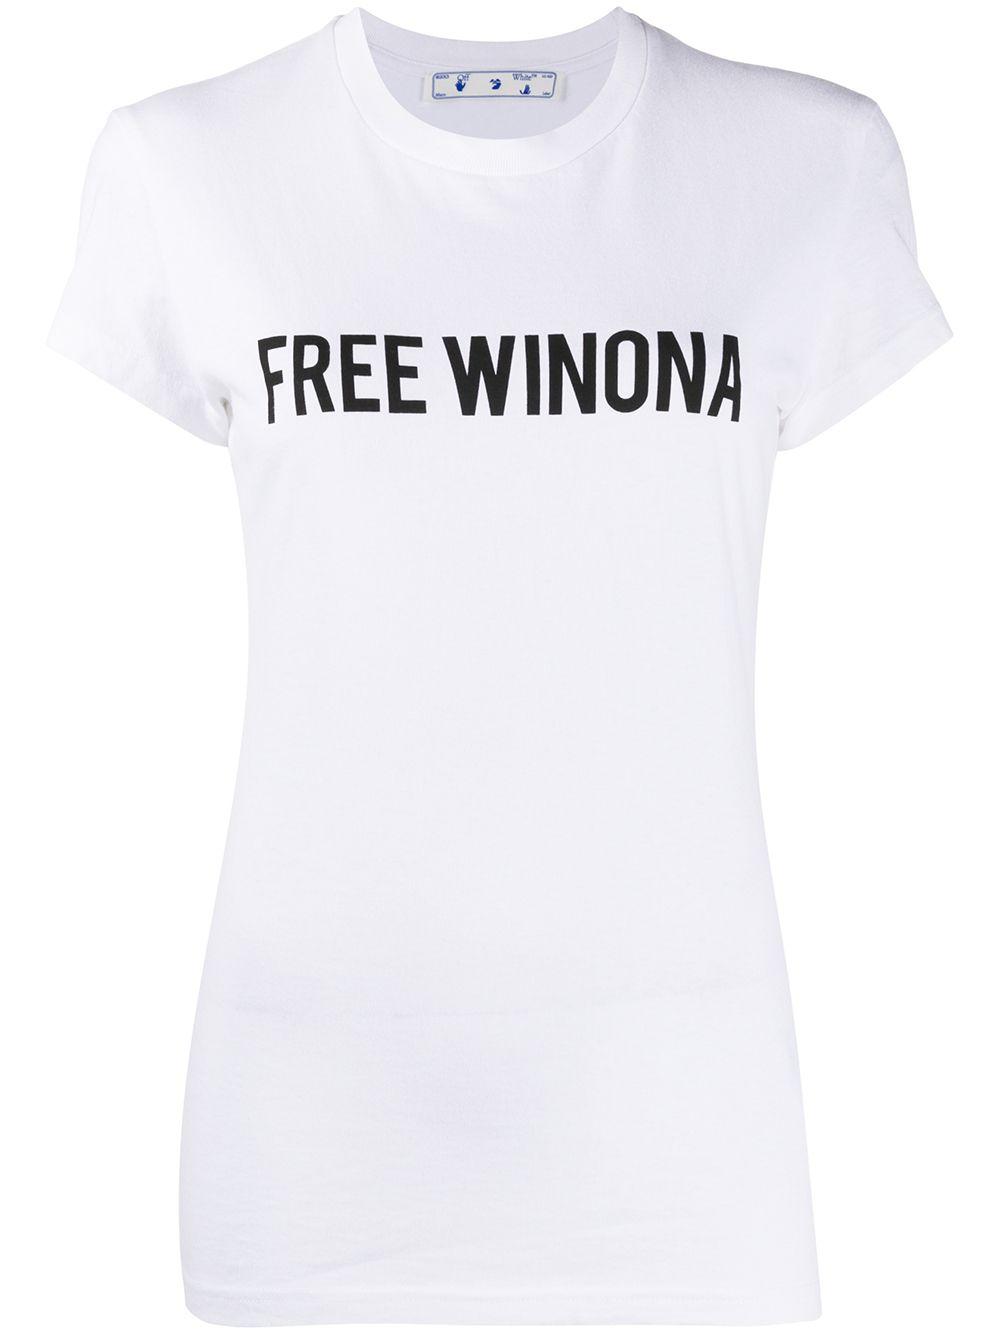 Off-White 'Winona' T-Shirt - Weiß